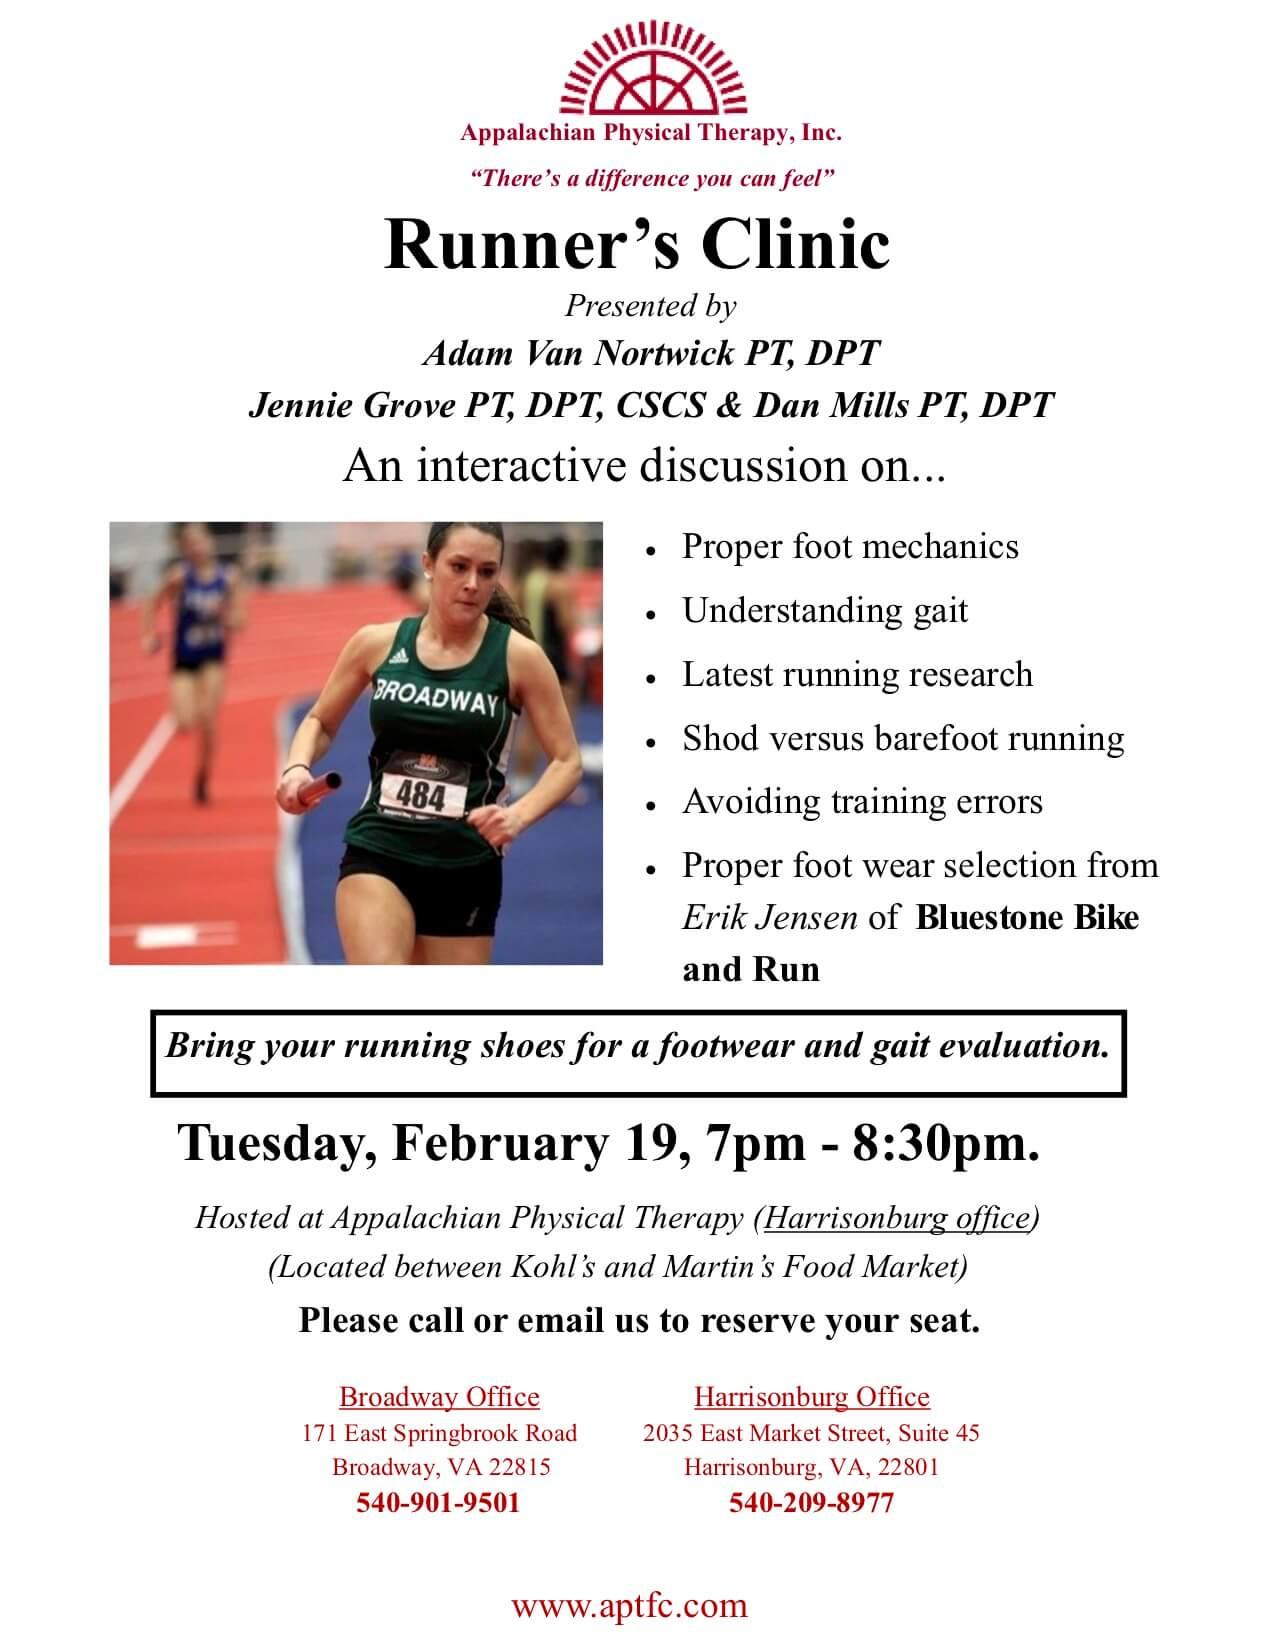 Runner's Clinic 2019